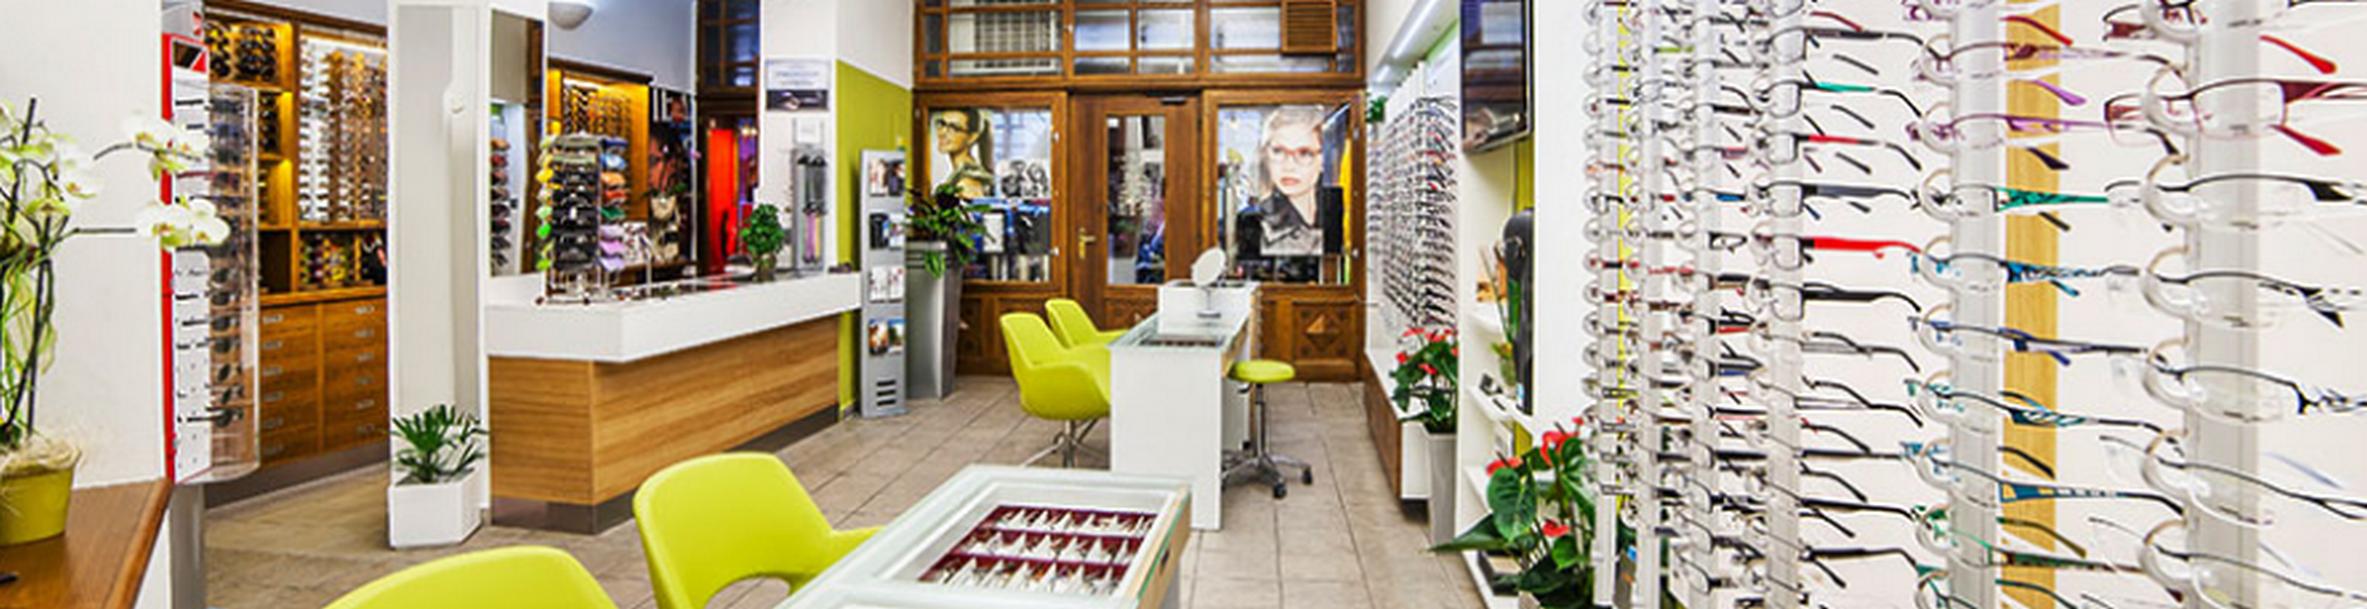 OPTIKA Valuchová Cvikrová spol. s r.o. - brýle, měření zraku, kontaktní čočky